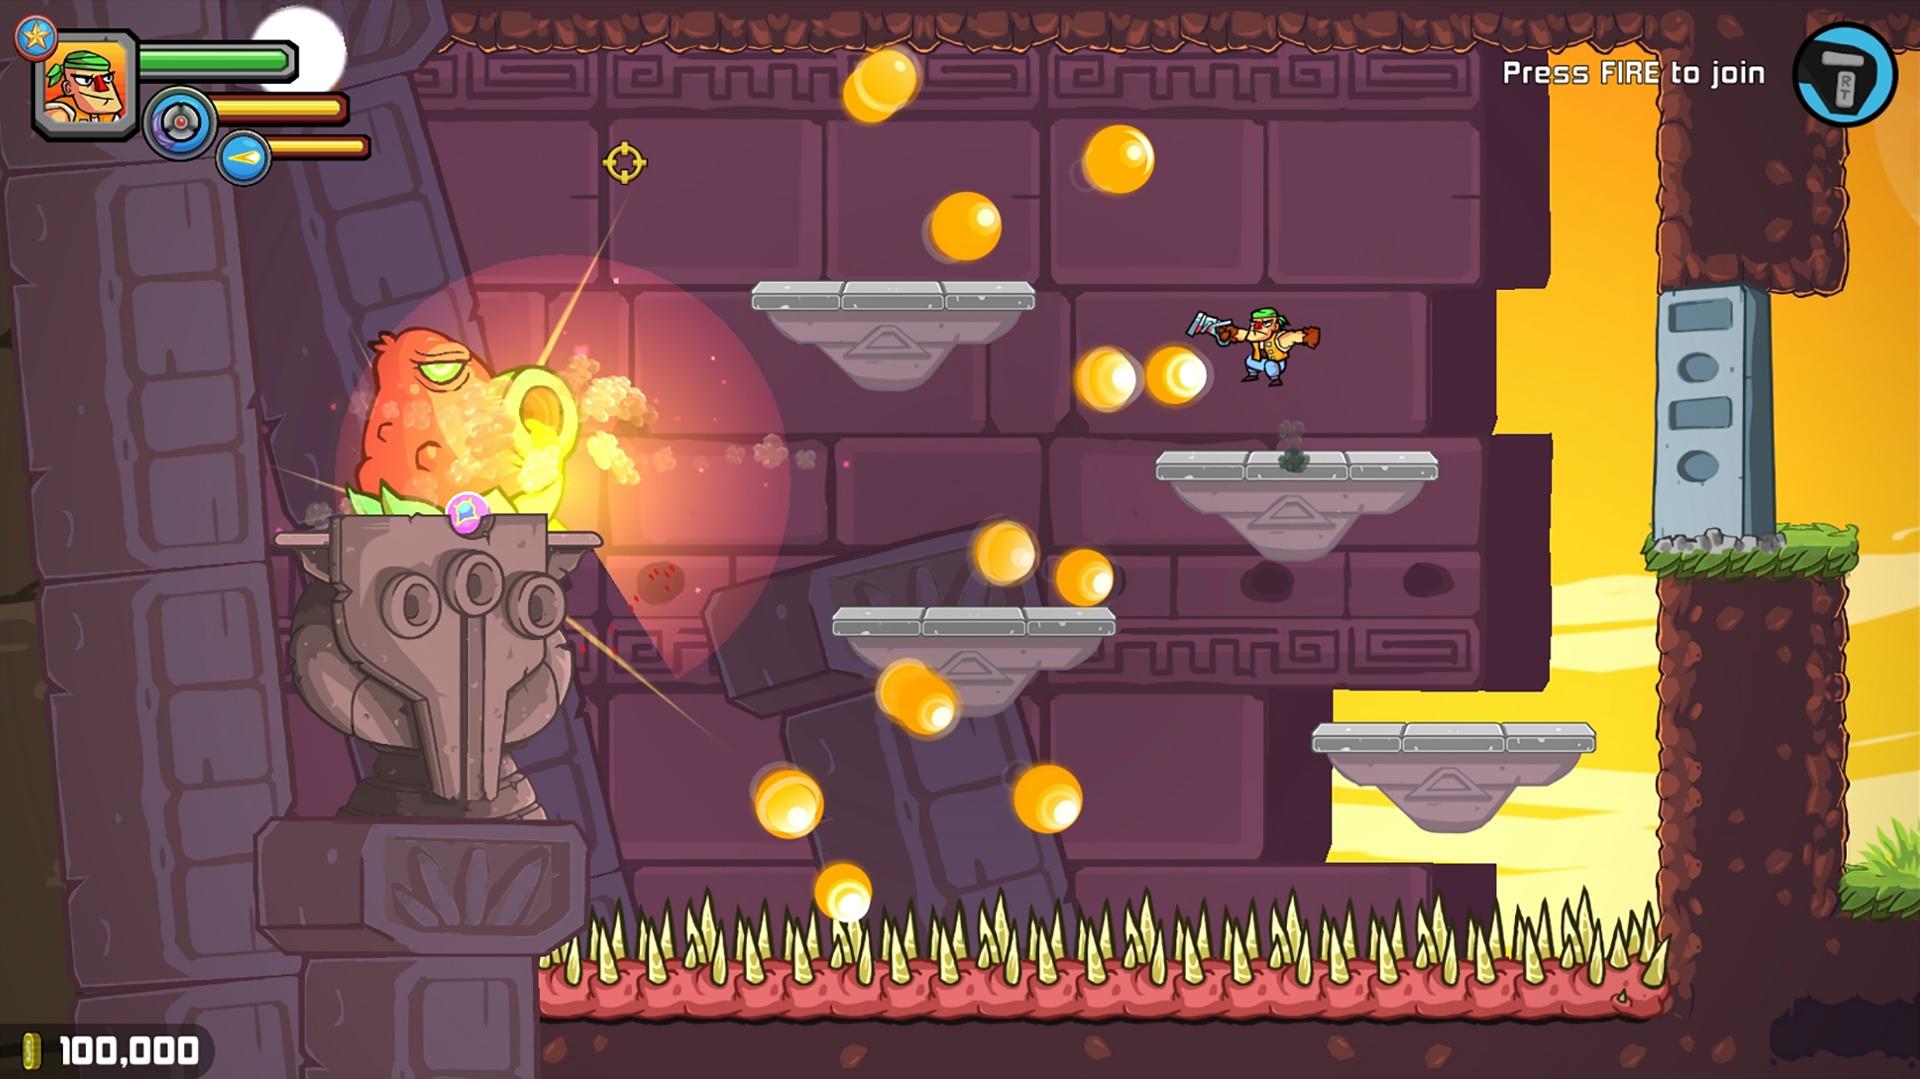 Les combats contre les boss dans Greedy Guns nous rappellent la difficulté de certains classiques comme Contra